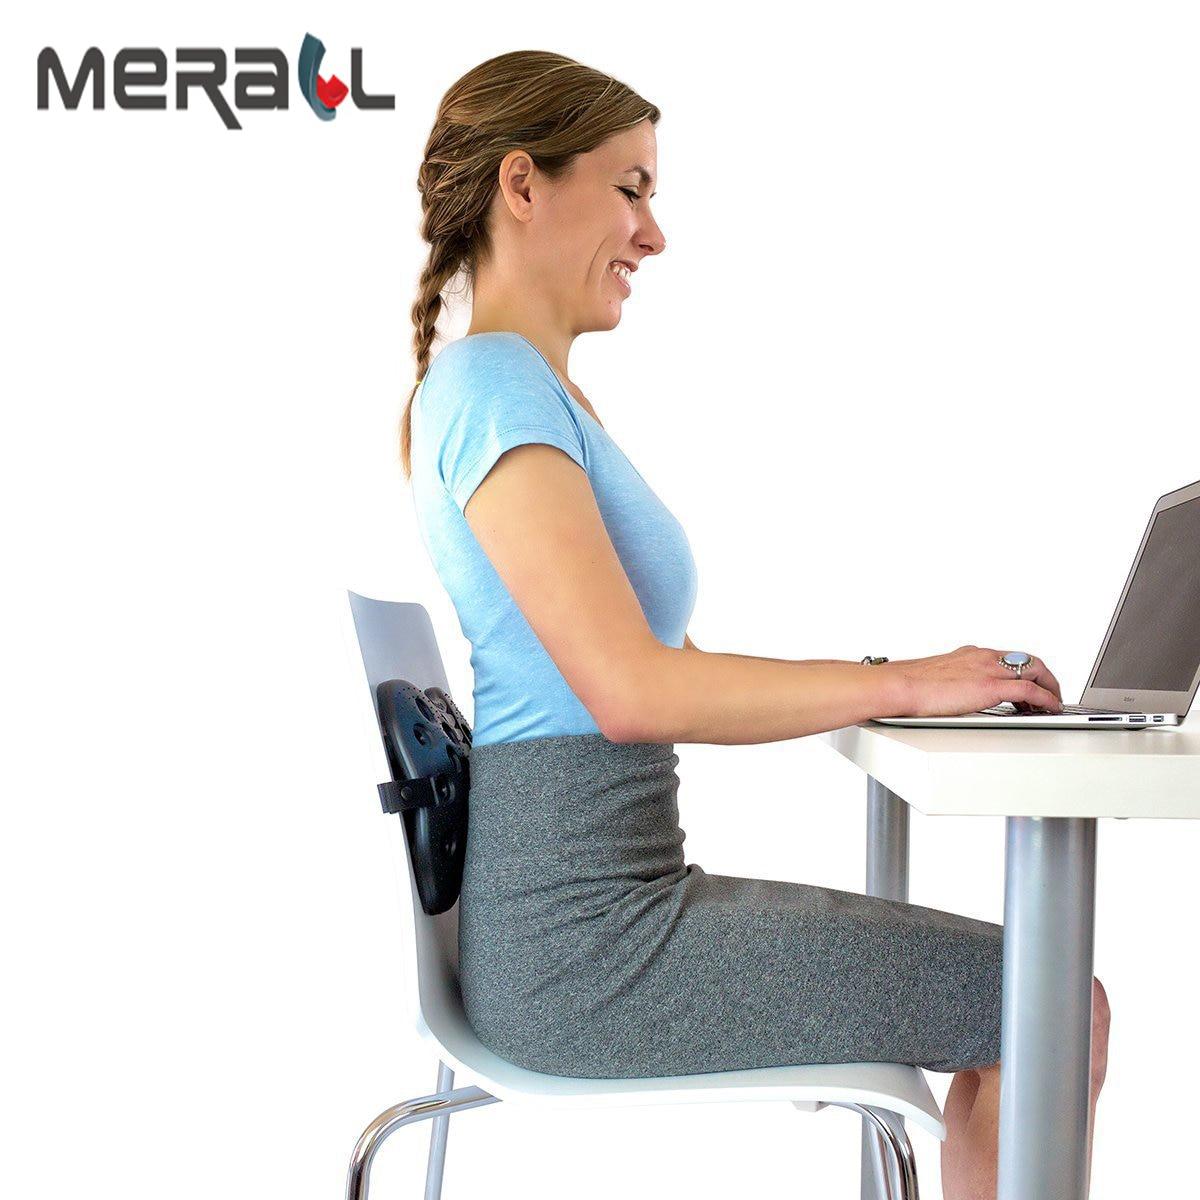 Merall Posture correcteur dos soutien ergonomique taille dossier par bureau et voiture bon compagnon aide soulagement mal de dos soins de santé